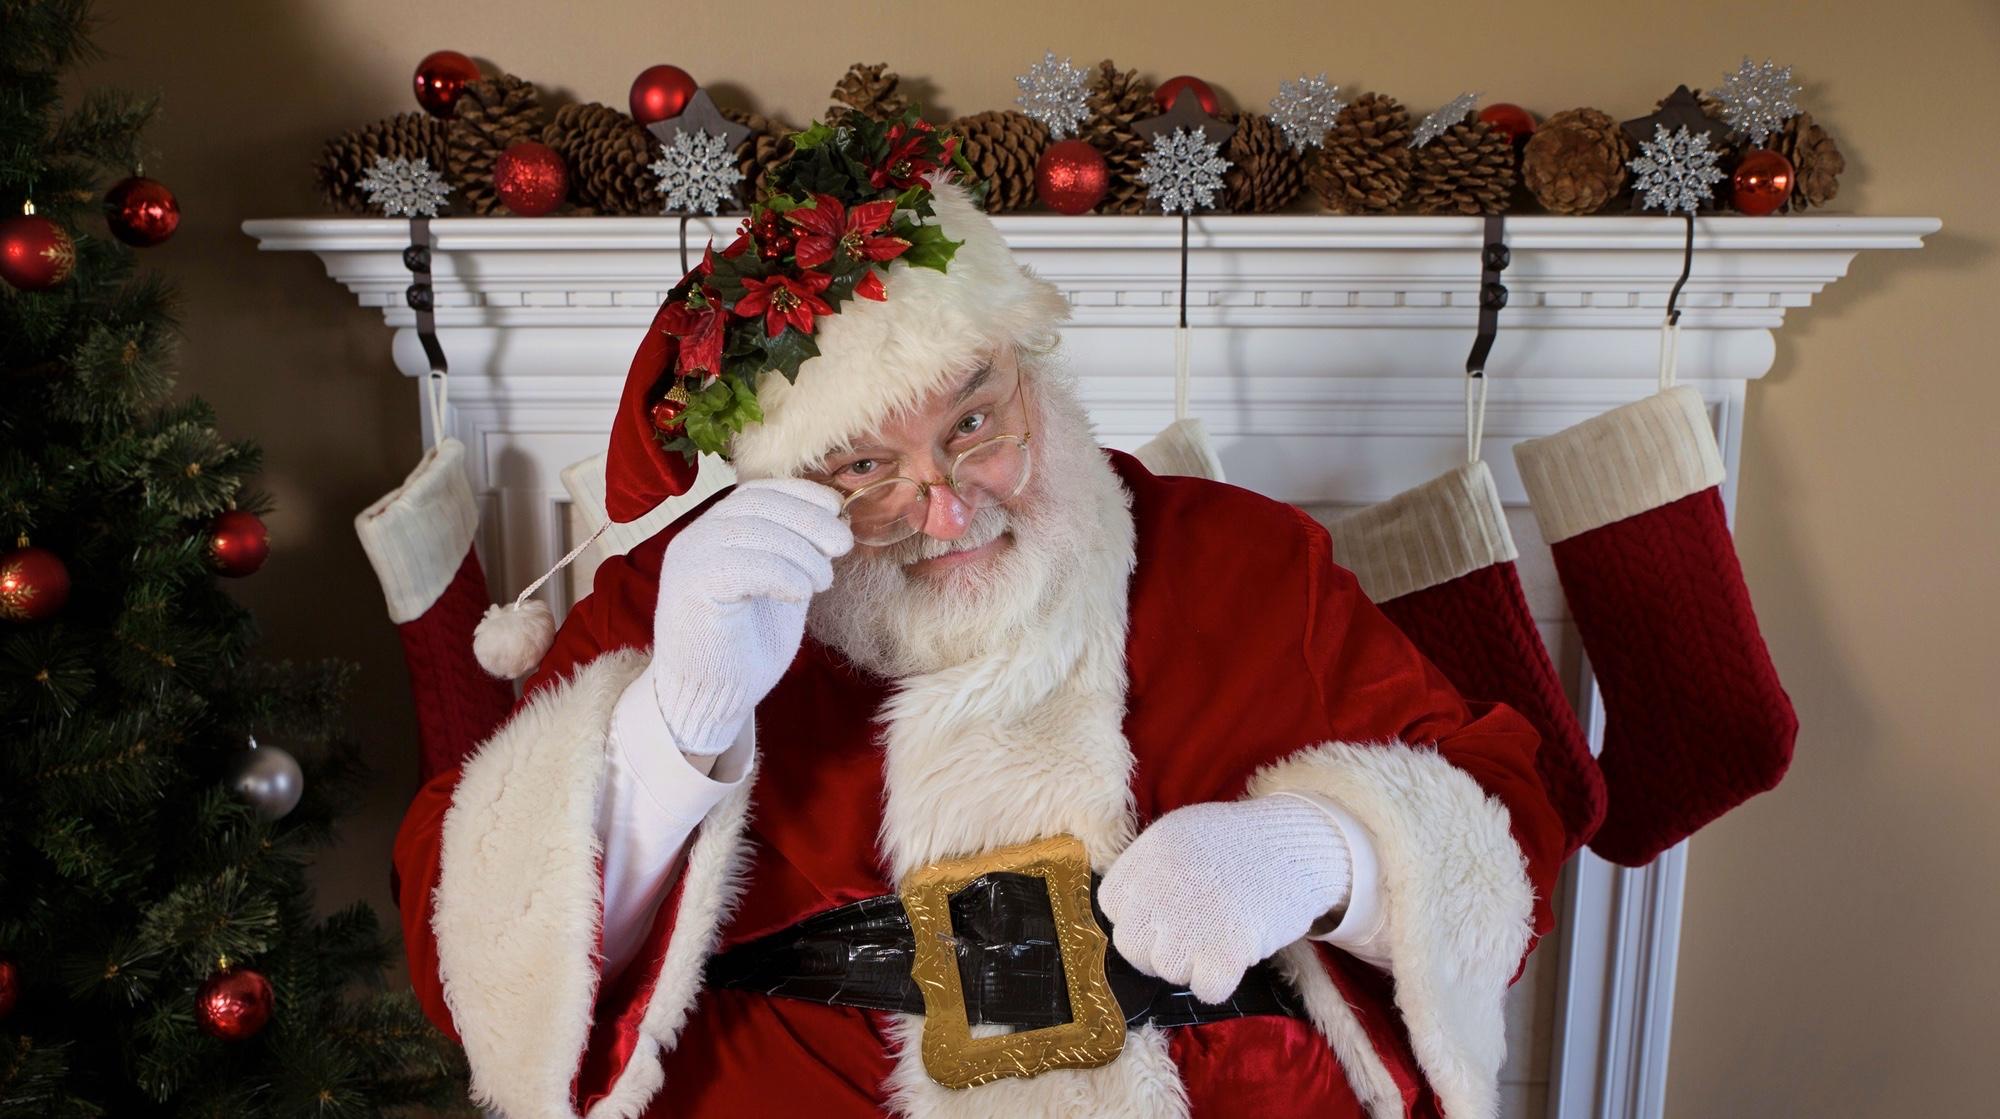 Wann Weihnachtskarten Versenden.Dsgvo Darf Man Eigentlich Noch Weihnachtskarten Versenden